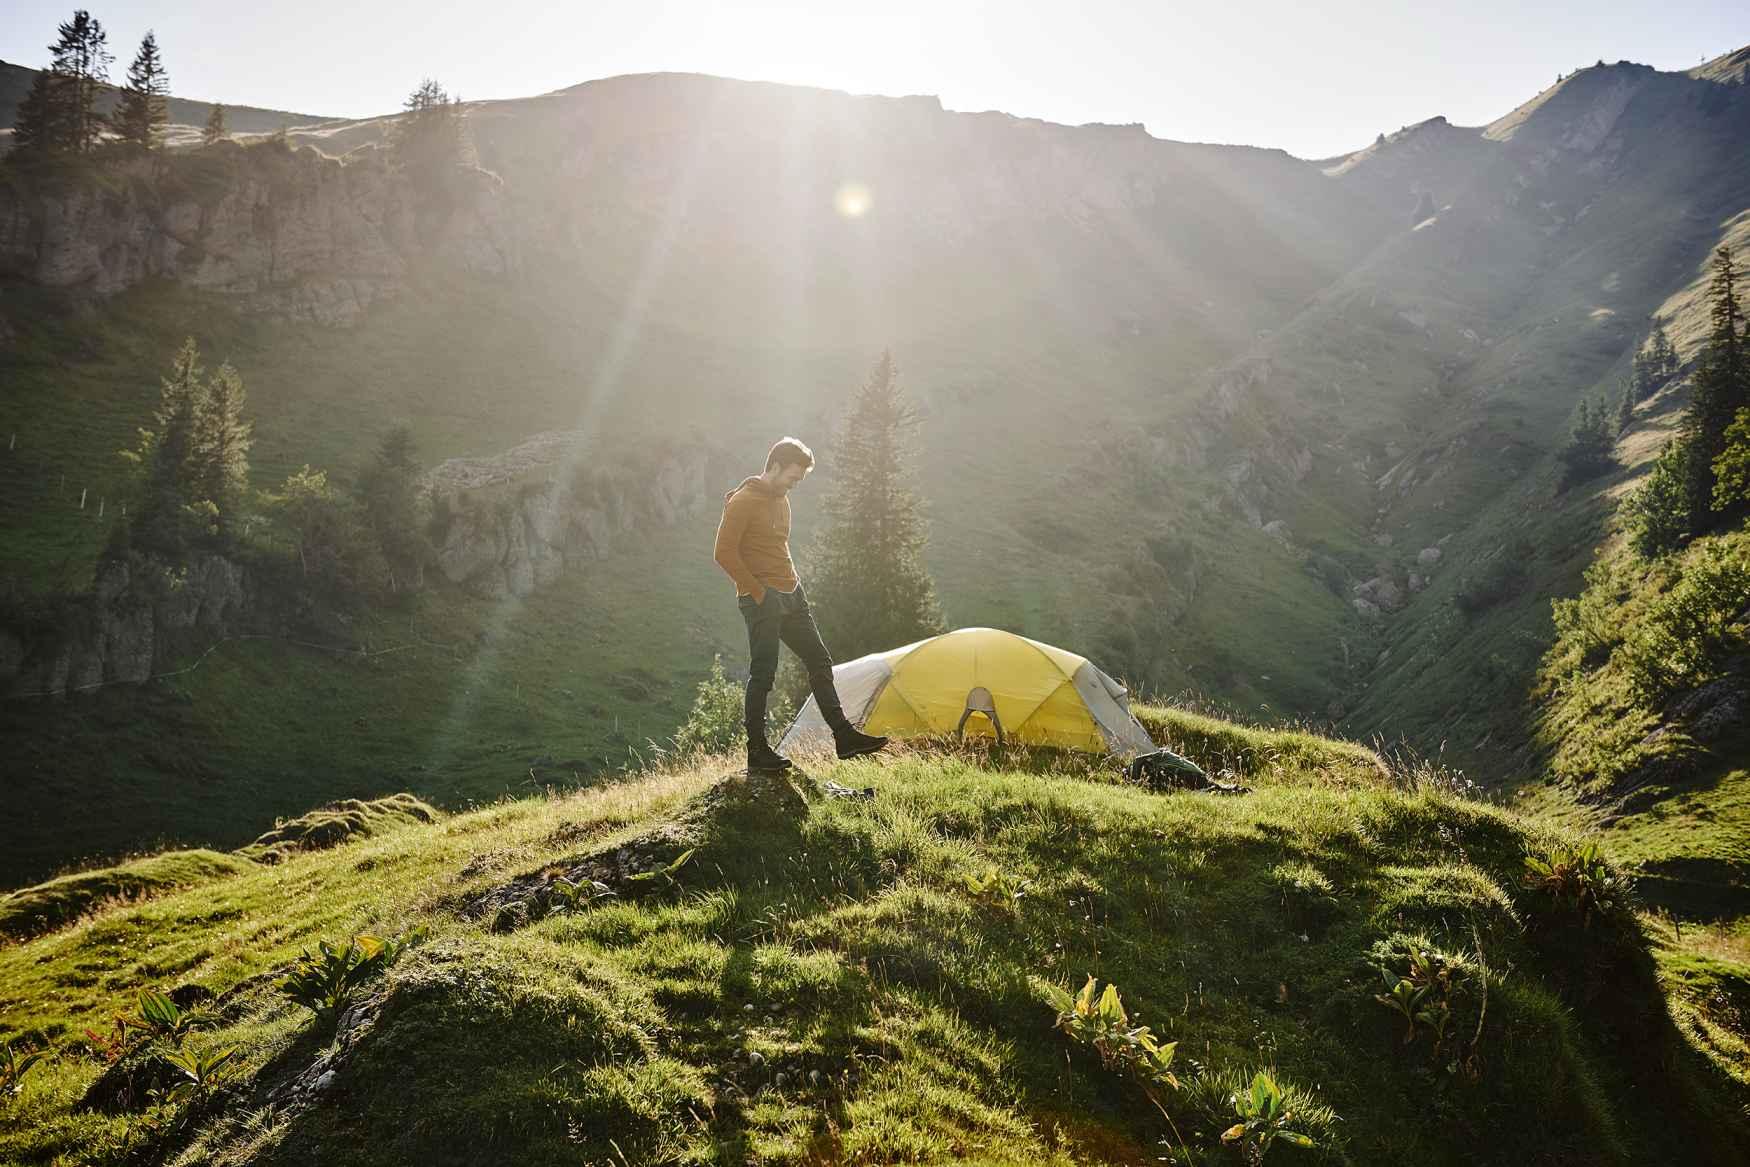 Wunderbar bequem, sportlich flexibel und multifunktional im Einsatz ist der neue TORO EVO GTX MID wie geschaffen für alltägliche Abenteuer. Egal ob nach Feierabend oder am Wochenende – die vielseitigen Outdoorschuhe sind so komfortabel und bequem, dass ein kurzer Spaziergang jederzeit spontan zur kleinen Wanderung ausgedehnt werden kann. Für optimalen Wetterschutz und beste Atmungsaktivität sorgt dabei die GORE-TEX-Membran.